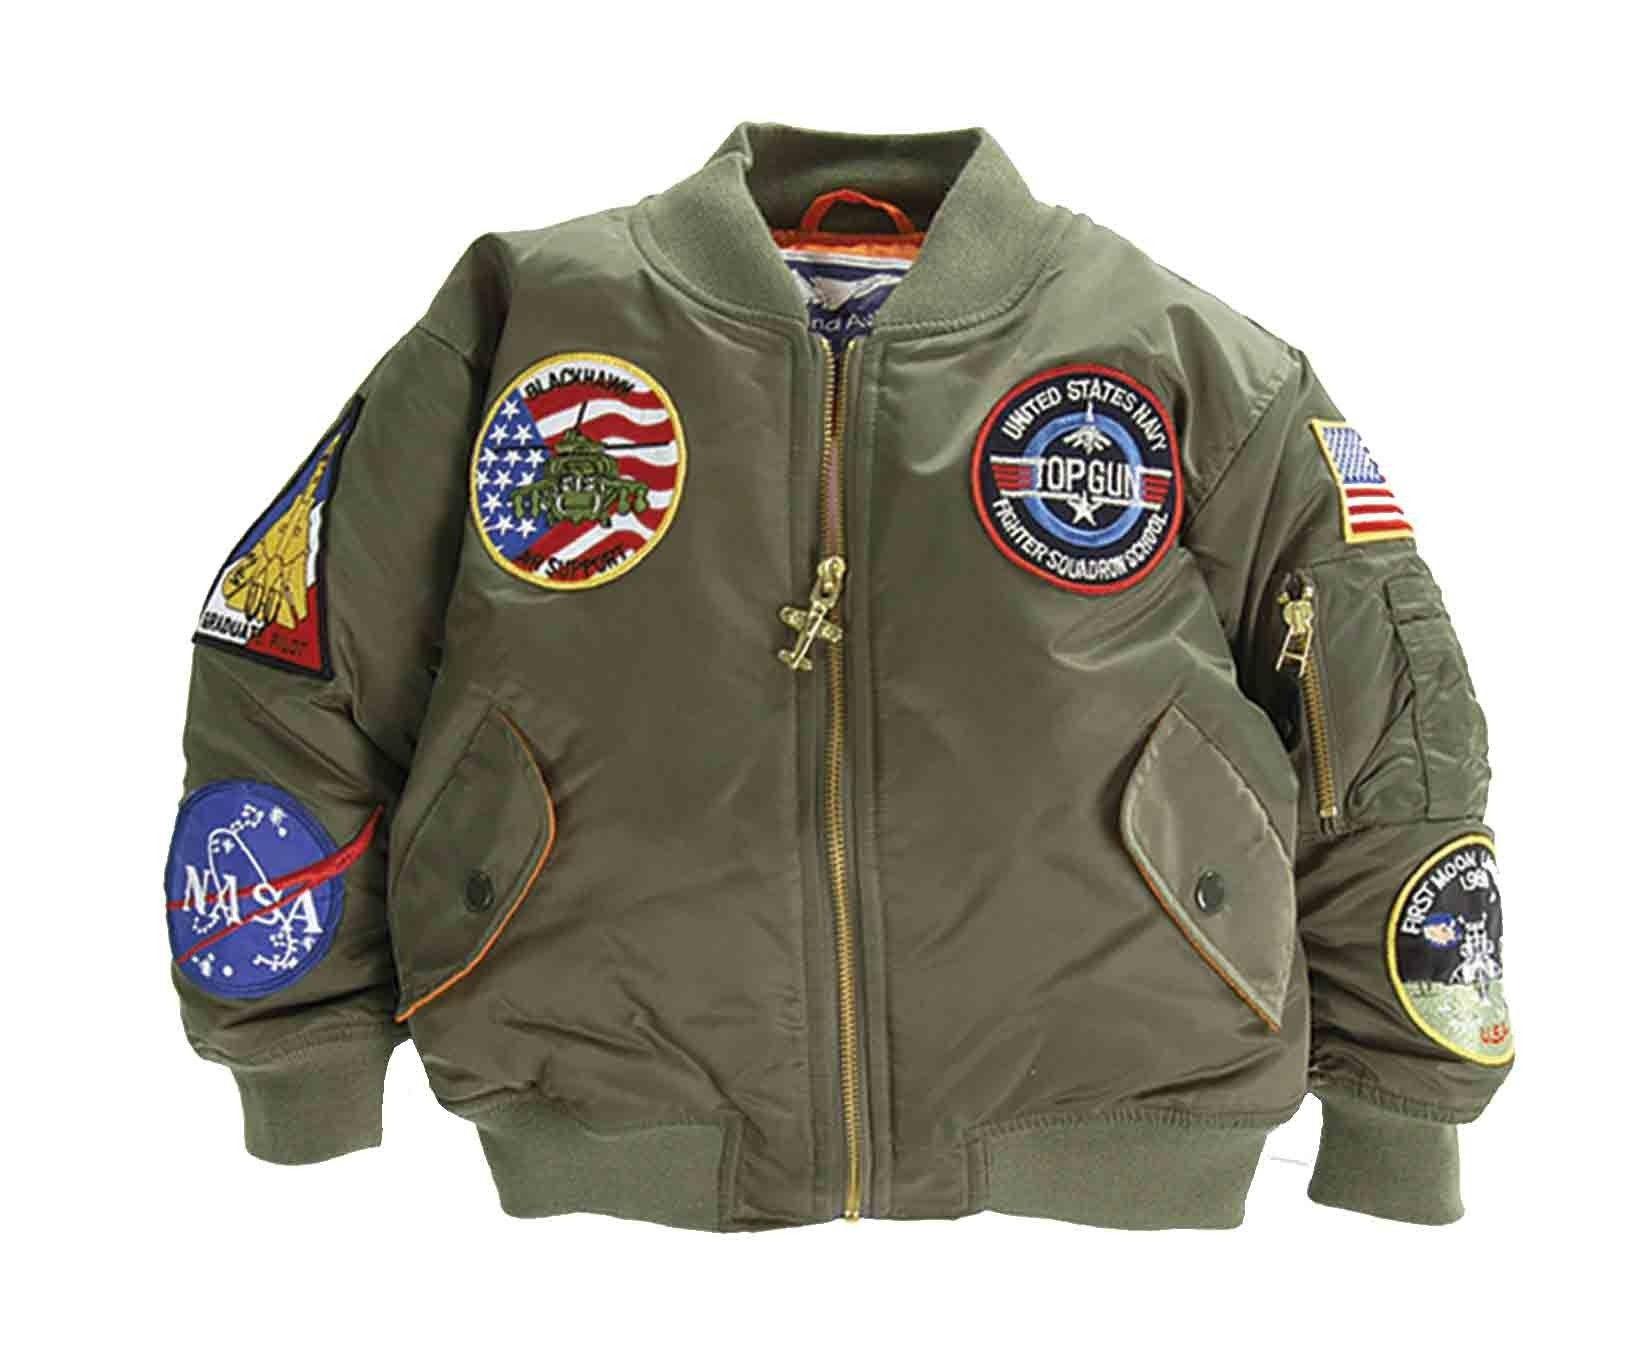 Kids Ma 1 Bomber Jacket Kidsma1 Bomber Jacket Flight Jacket Ma 1 Jacket [ 1362 x 1650 Pixel ]